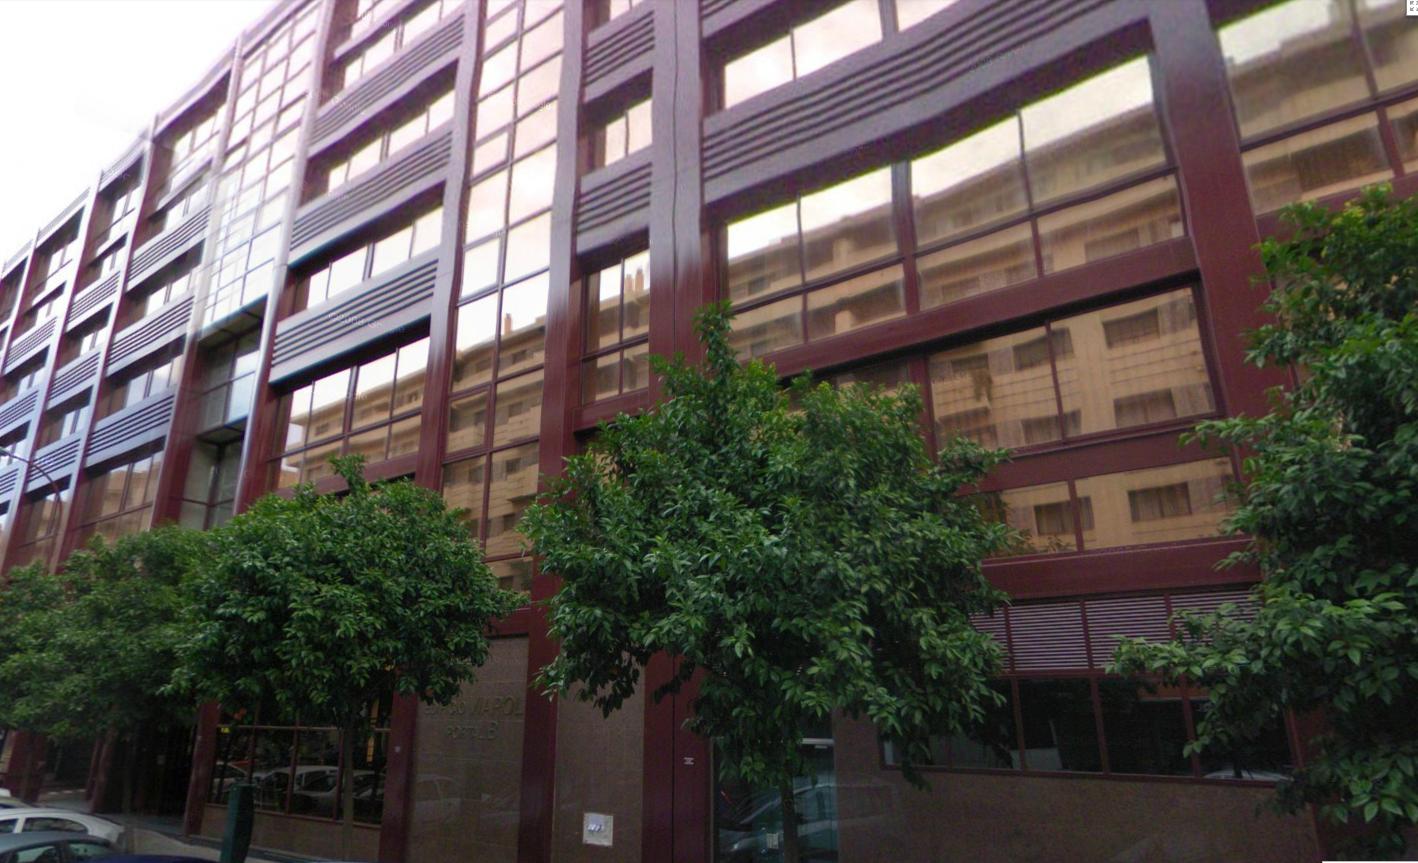 sede judicial edf viapol sevilla procuradores en